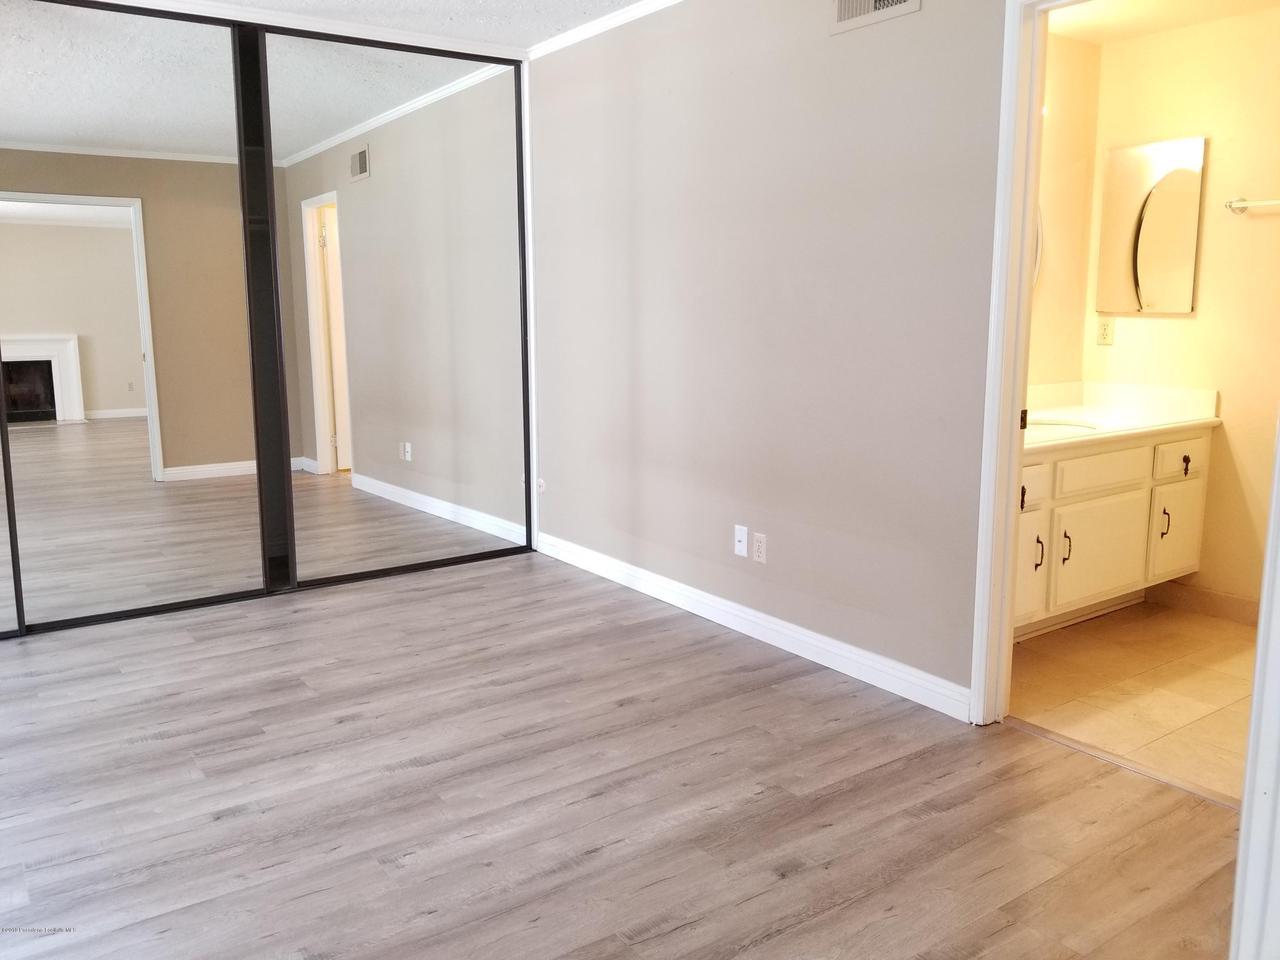 124 MONTEREY, South Pasadena, CA 91030 - Bedroom 2